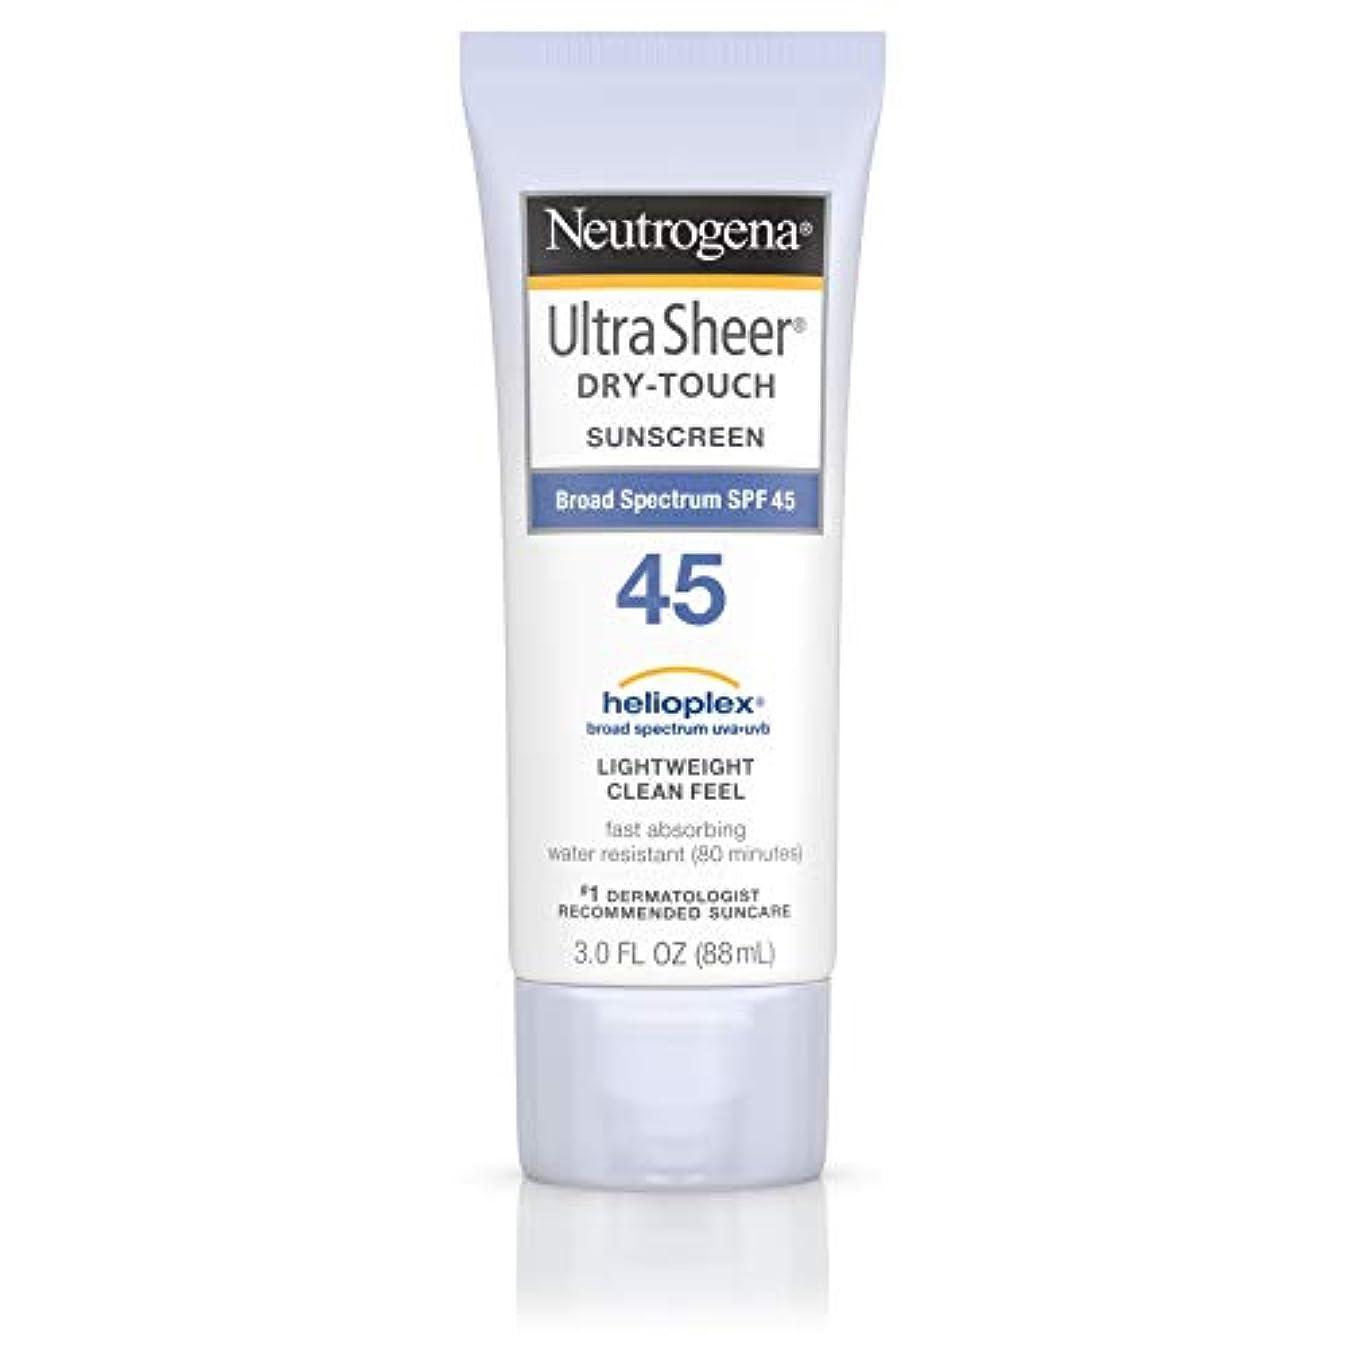 繰り返す重力びっくりした海外直送品 Neutrogena Neutrogena Ultra Sheer Dry-Touch Sunblock Spf 45【並行輸入品】